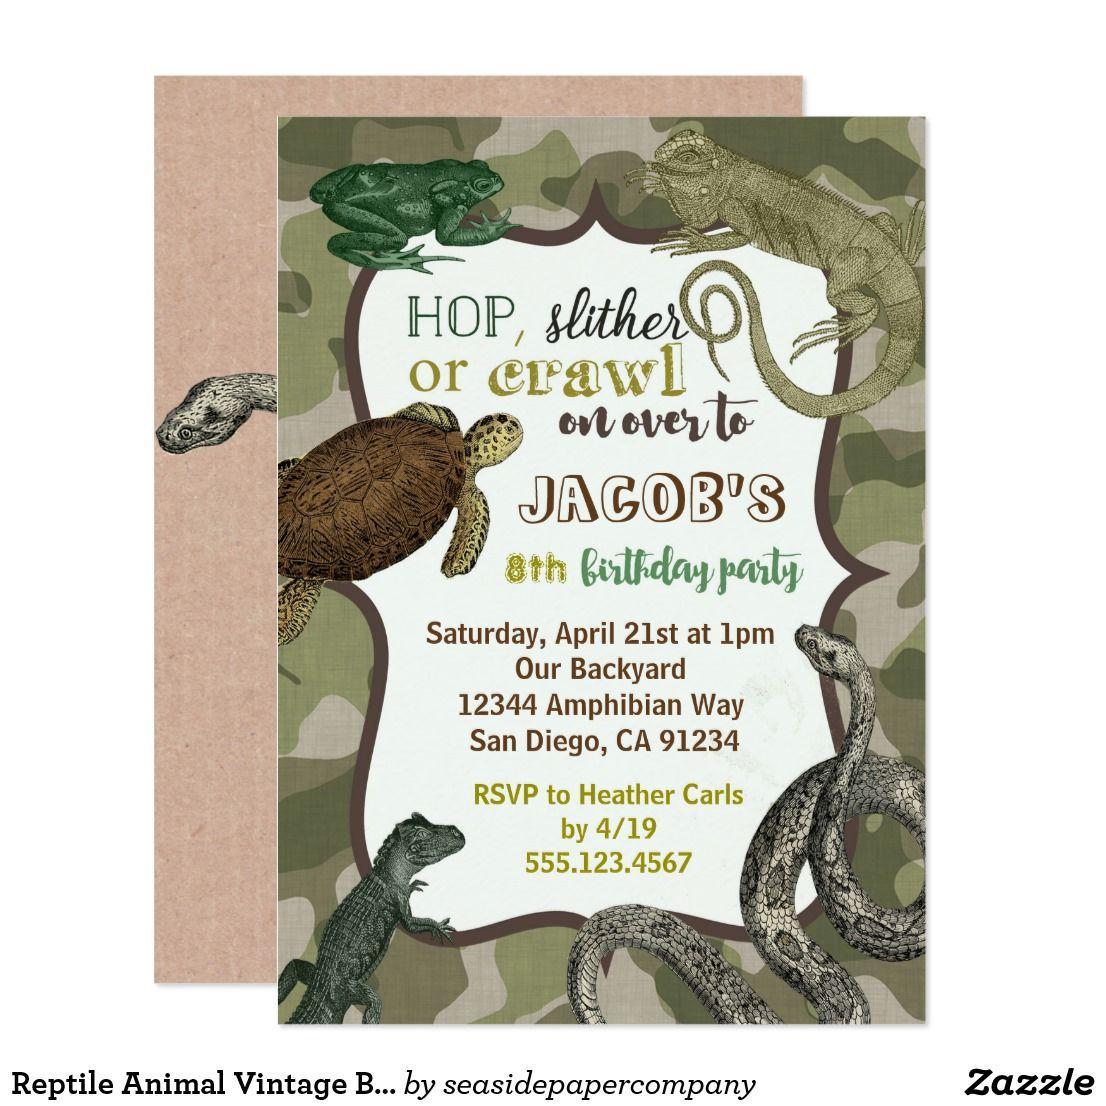 Reptile Animal Vintage Birthday Invitation | Invitations | Pinterest ...